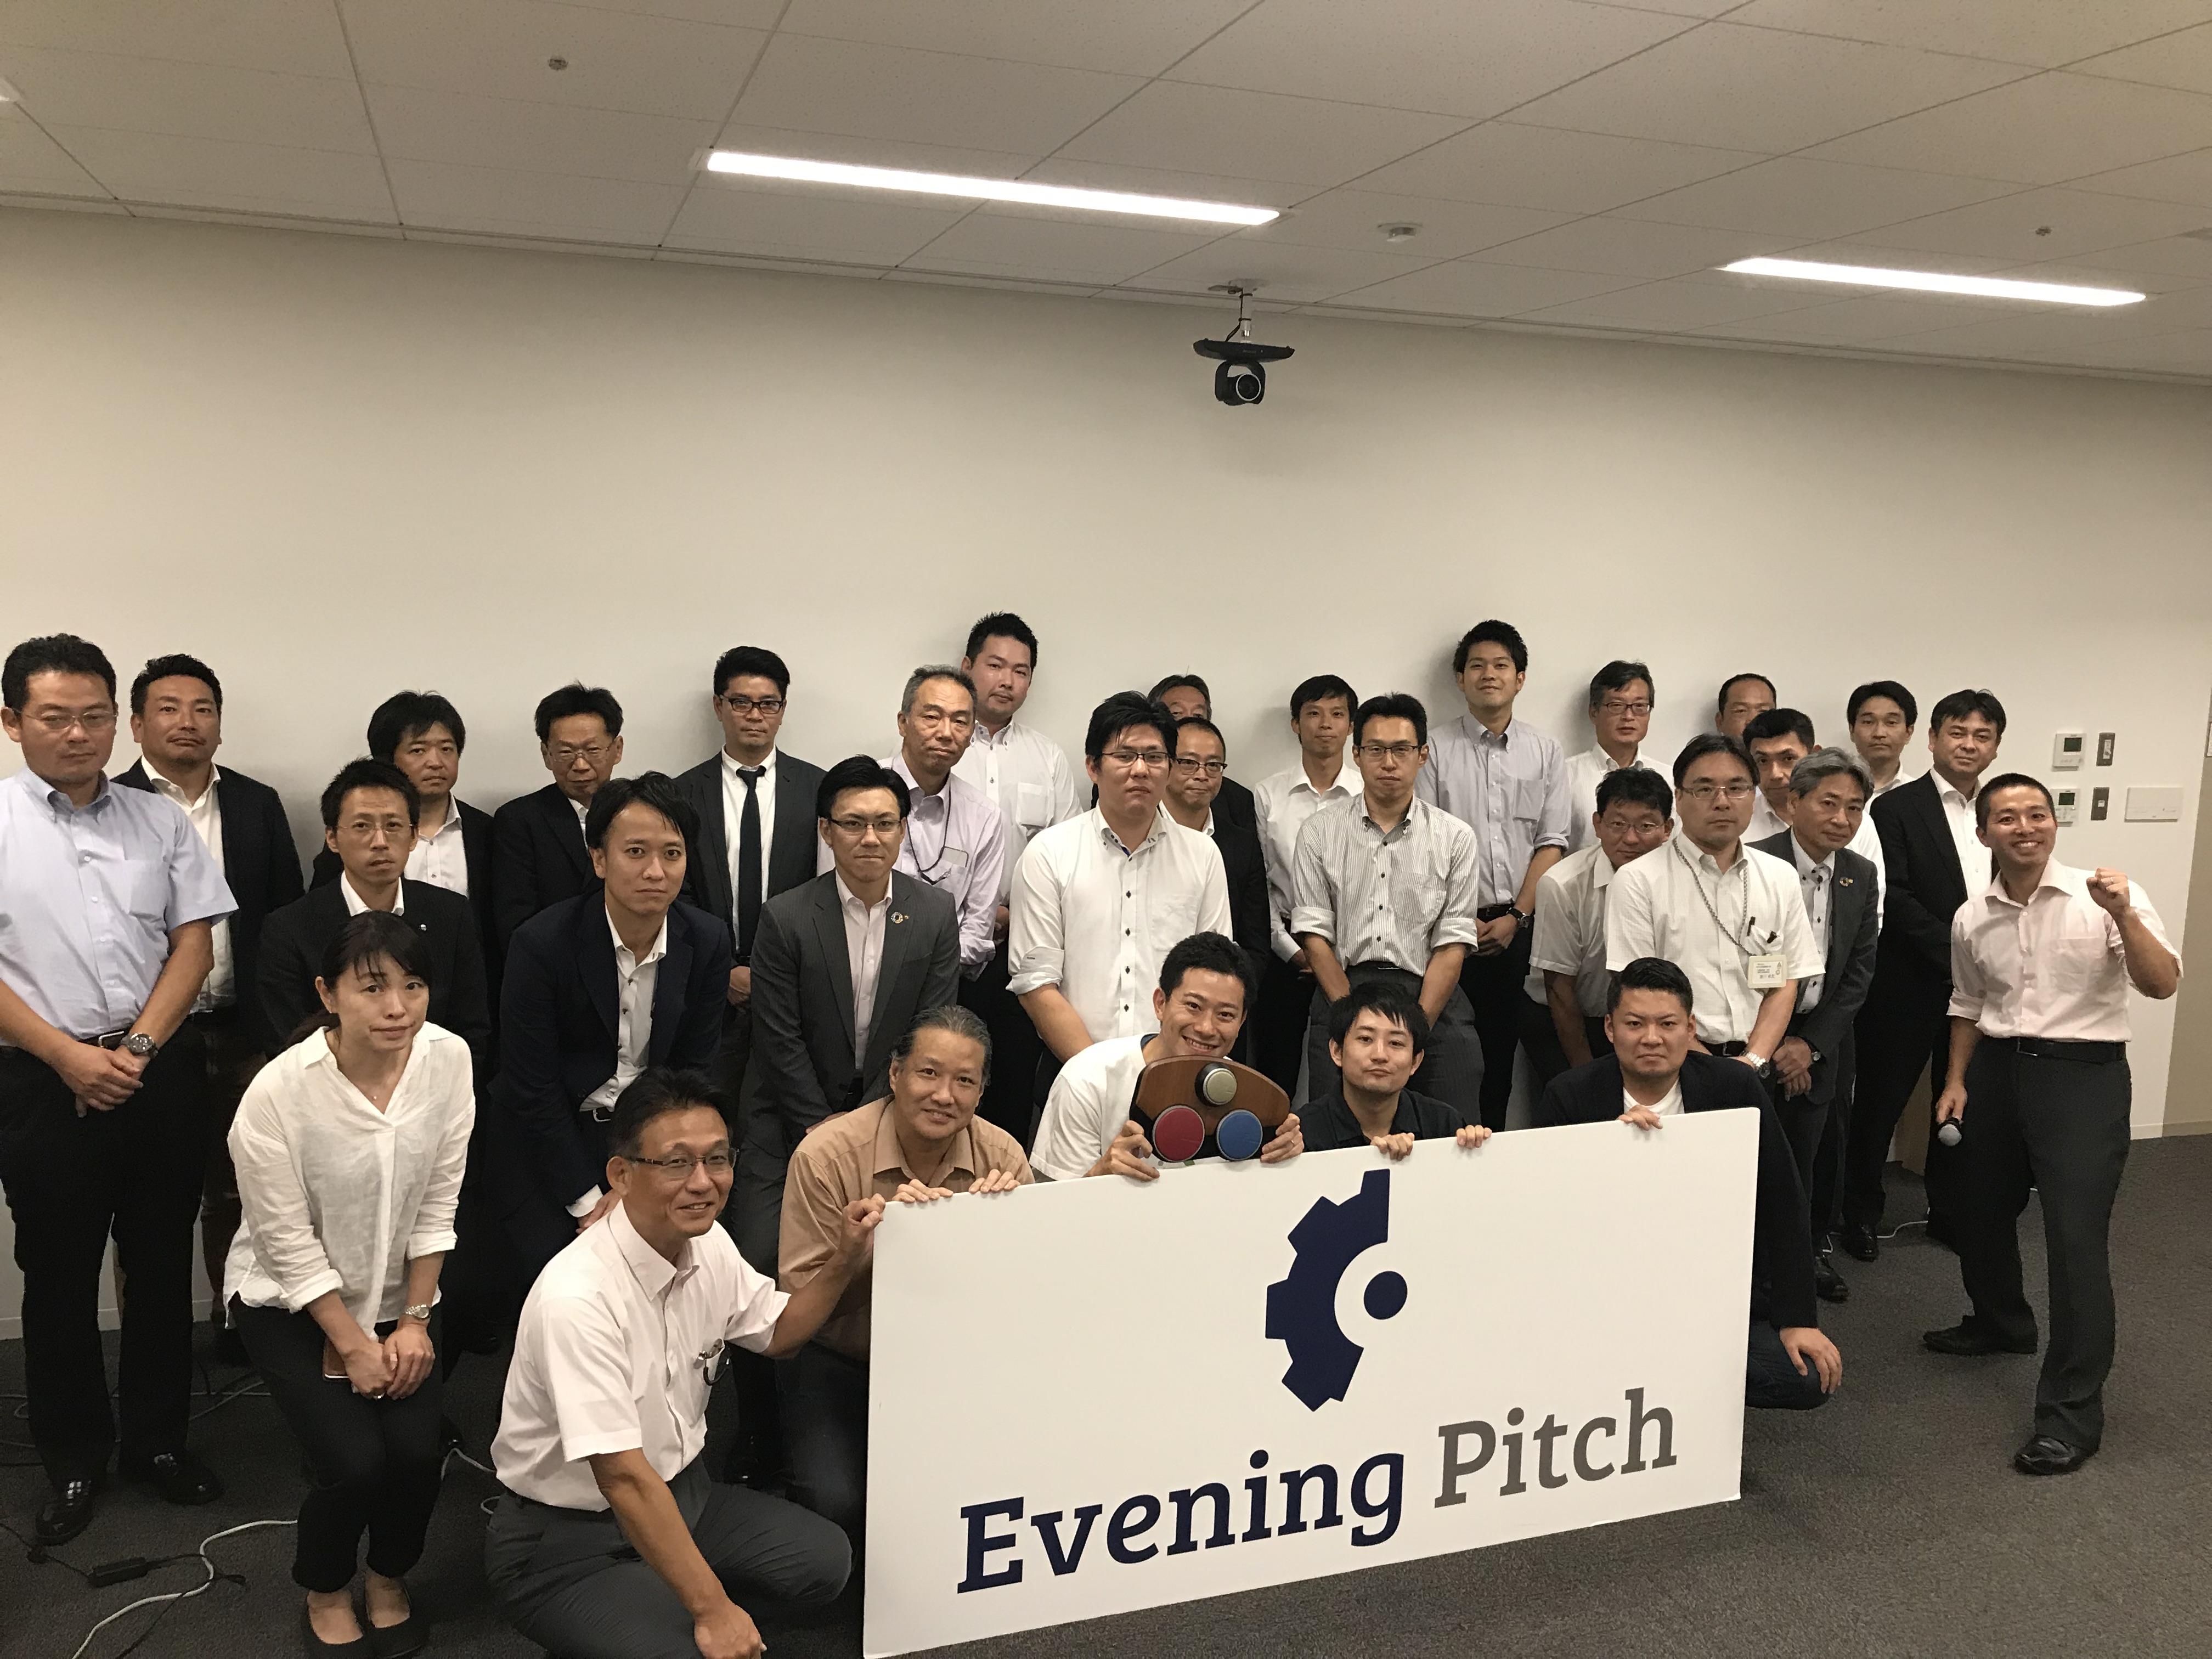 第17回 京都 Evening Pitch